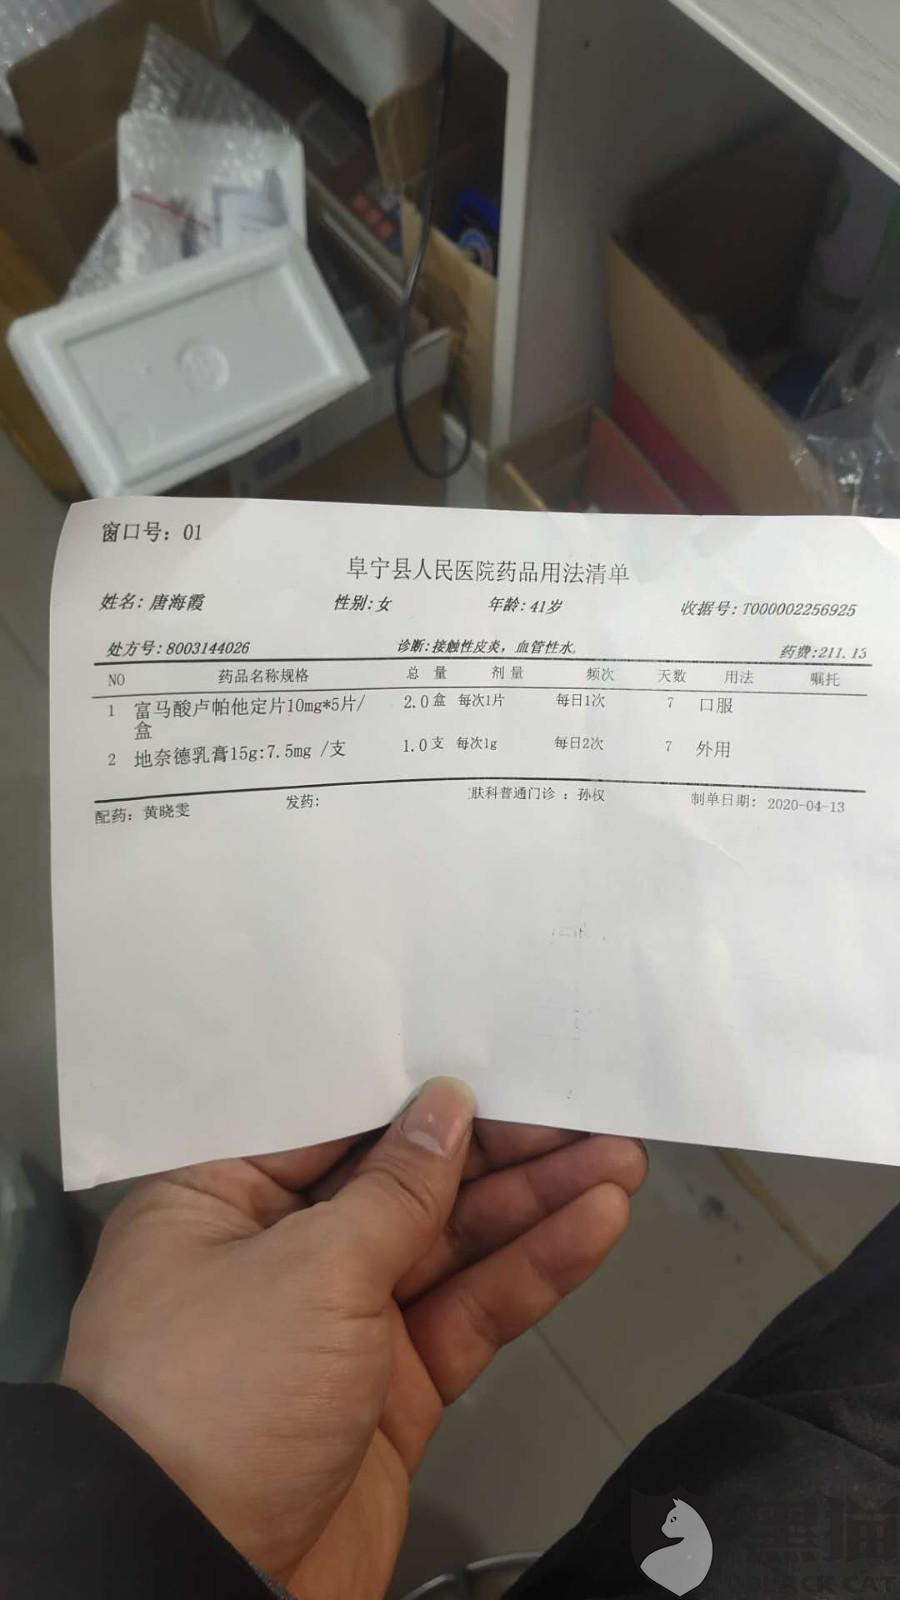 黑猫投诉:4月8日收到天猫店 法兰琳卡恋尚专卖店的洗面奶